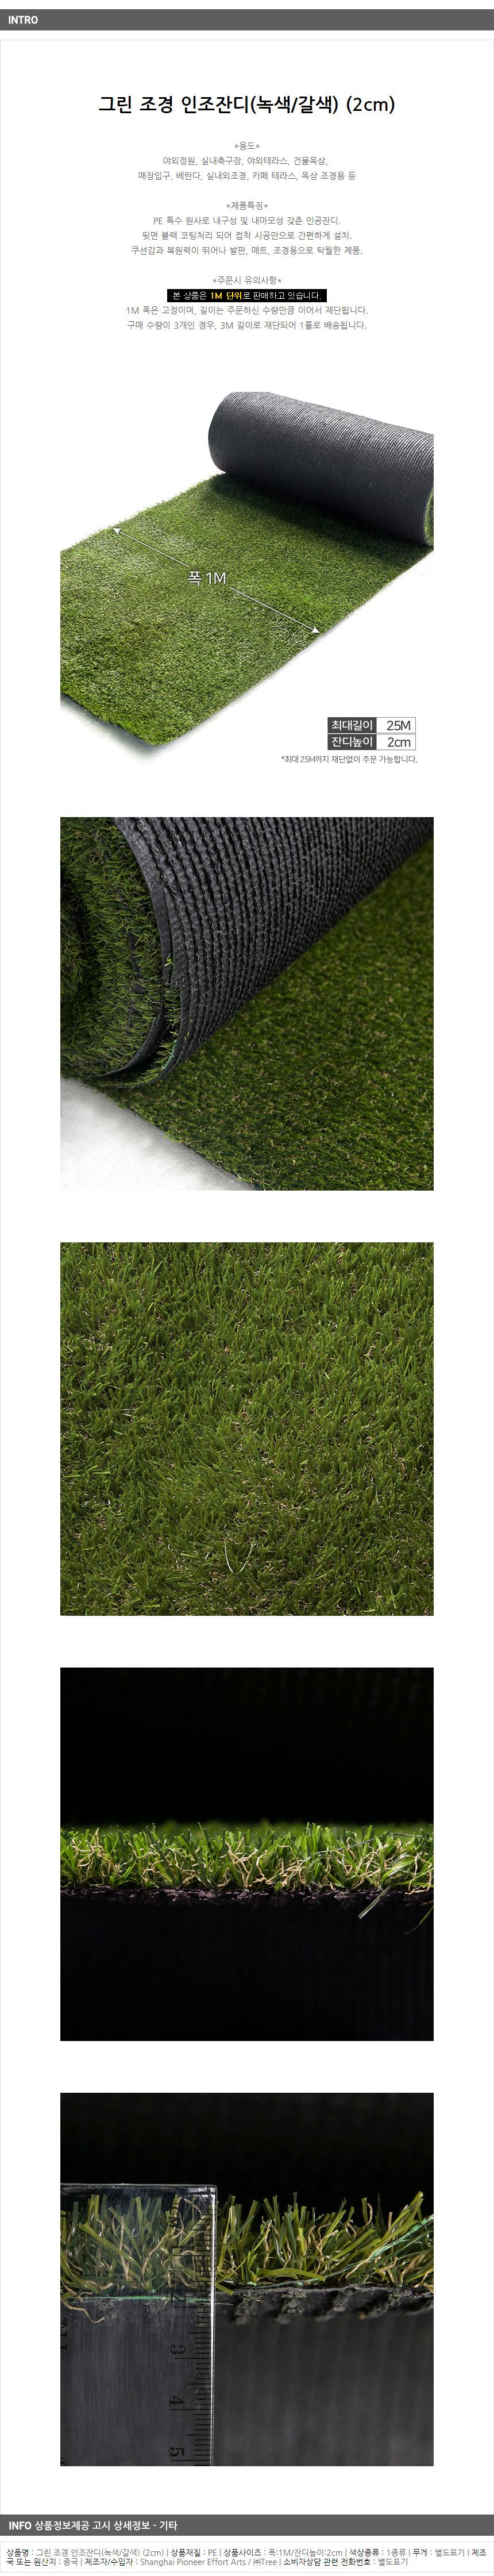 인조잔디매트(2cm)/바닥 시공용잔디 조경잔디 - 기프트갓, 22,310원, 장식/부자재, 바닥장식